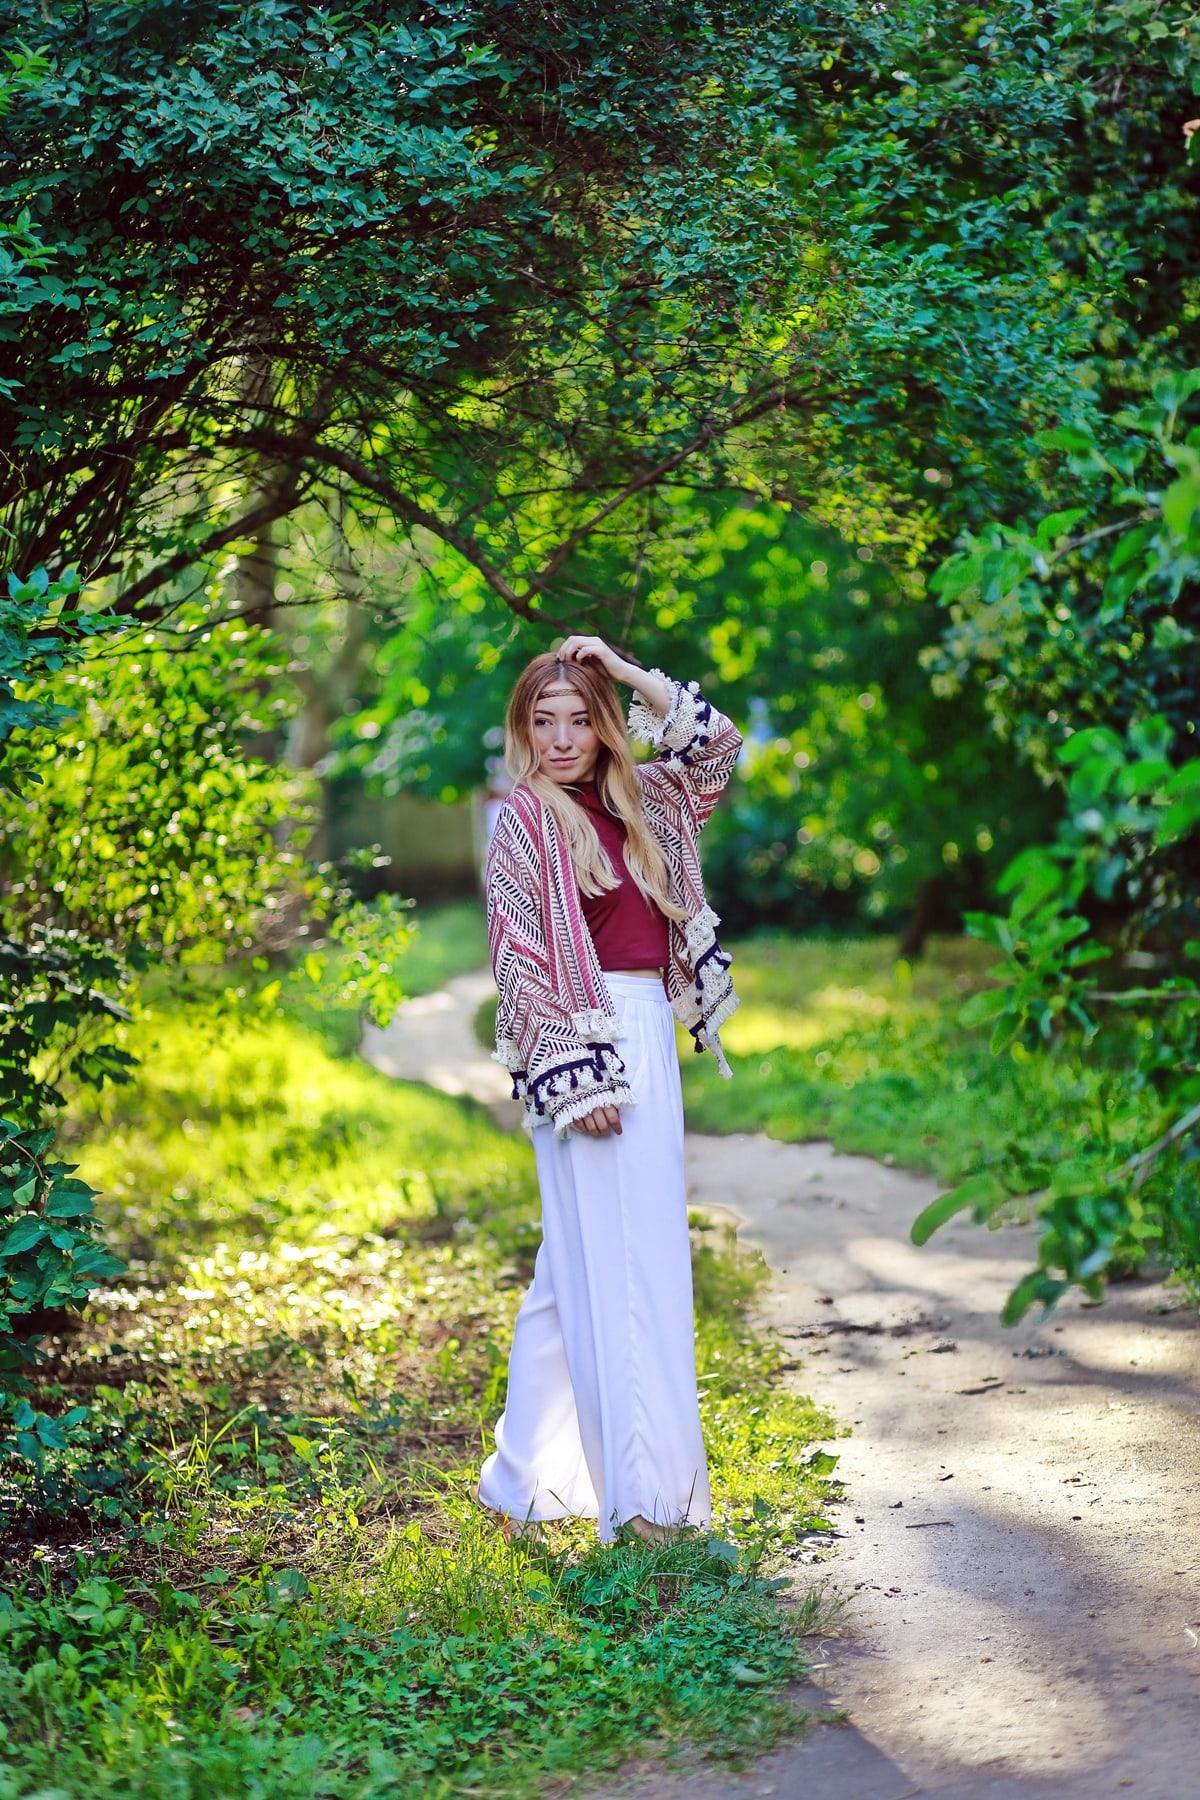 andreea ristea shooting - tinuta de vara cu kimono de inspiratie hippie - parcul tineretului bucuresti - blogger moda